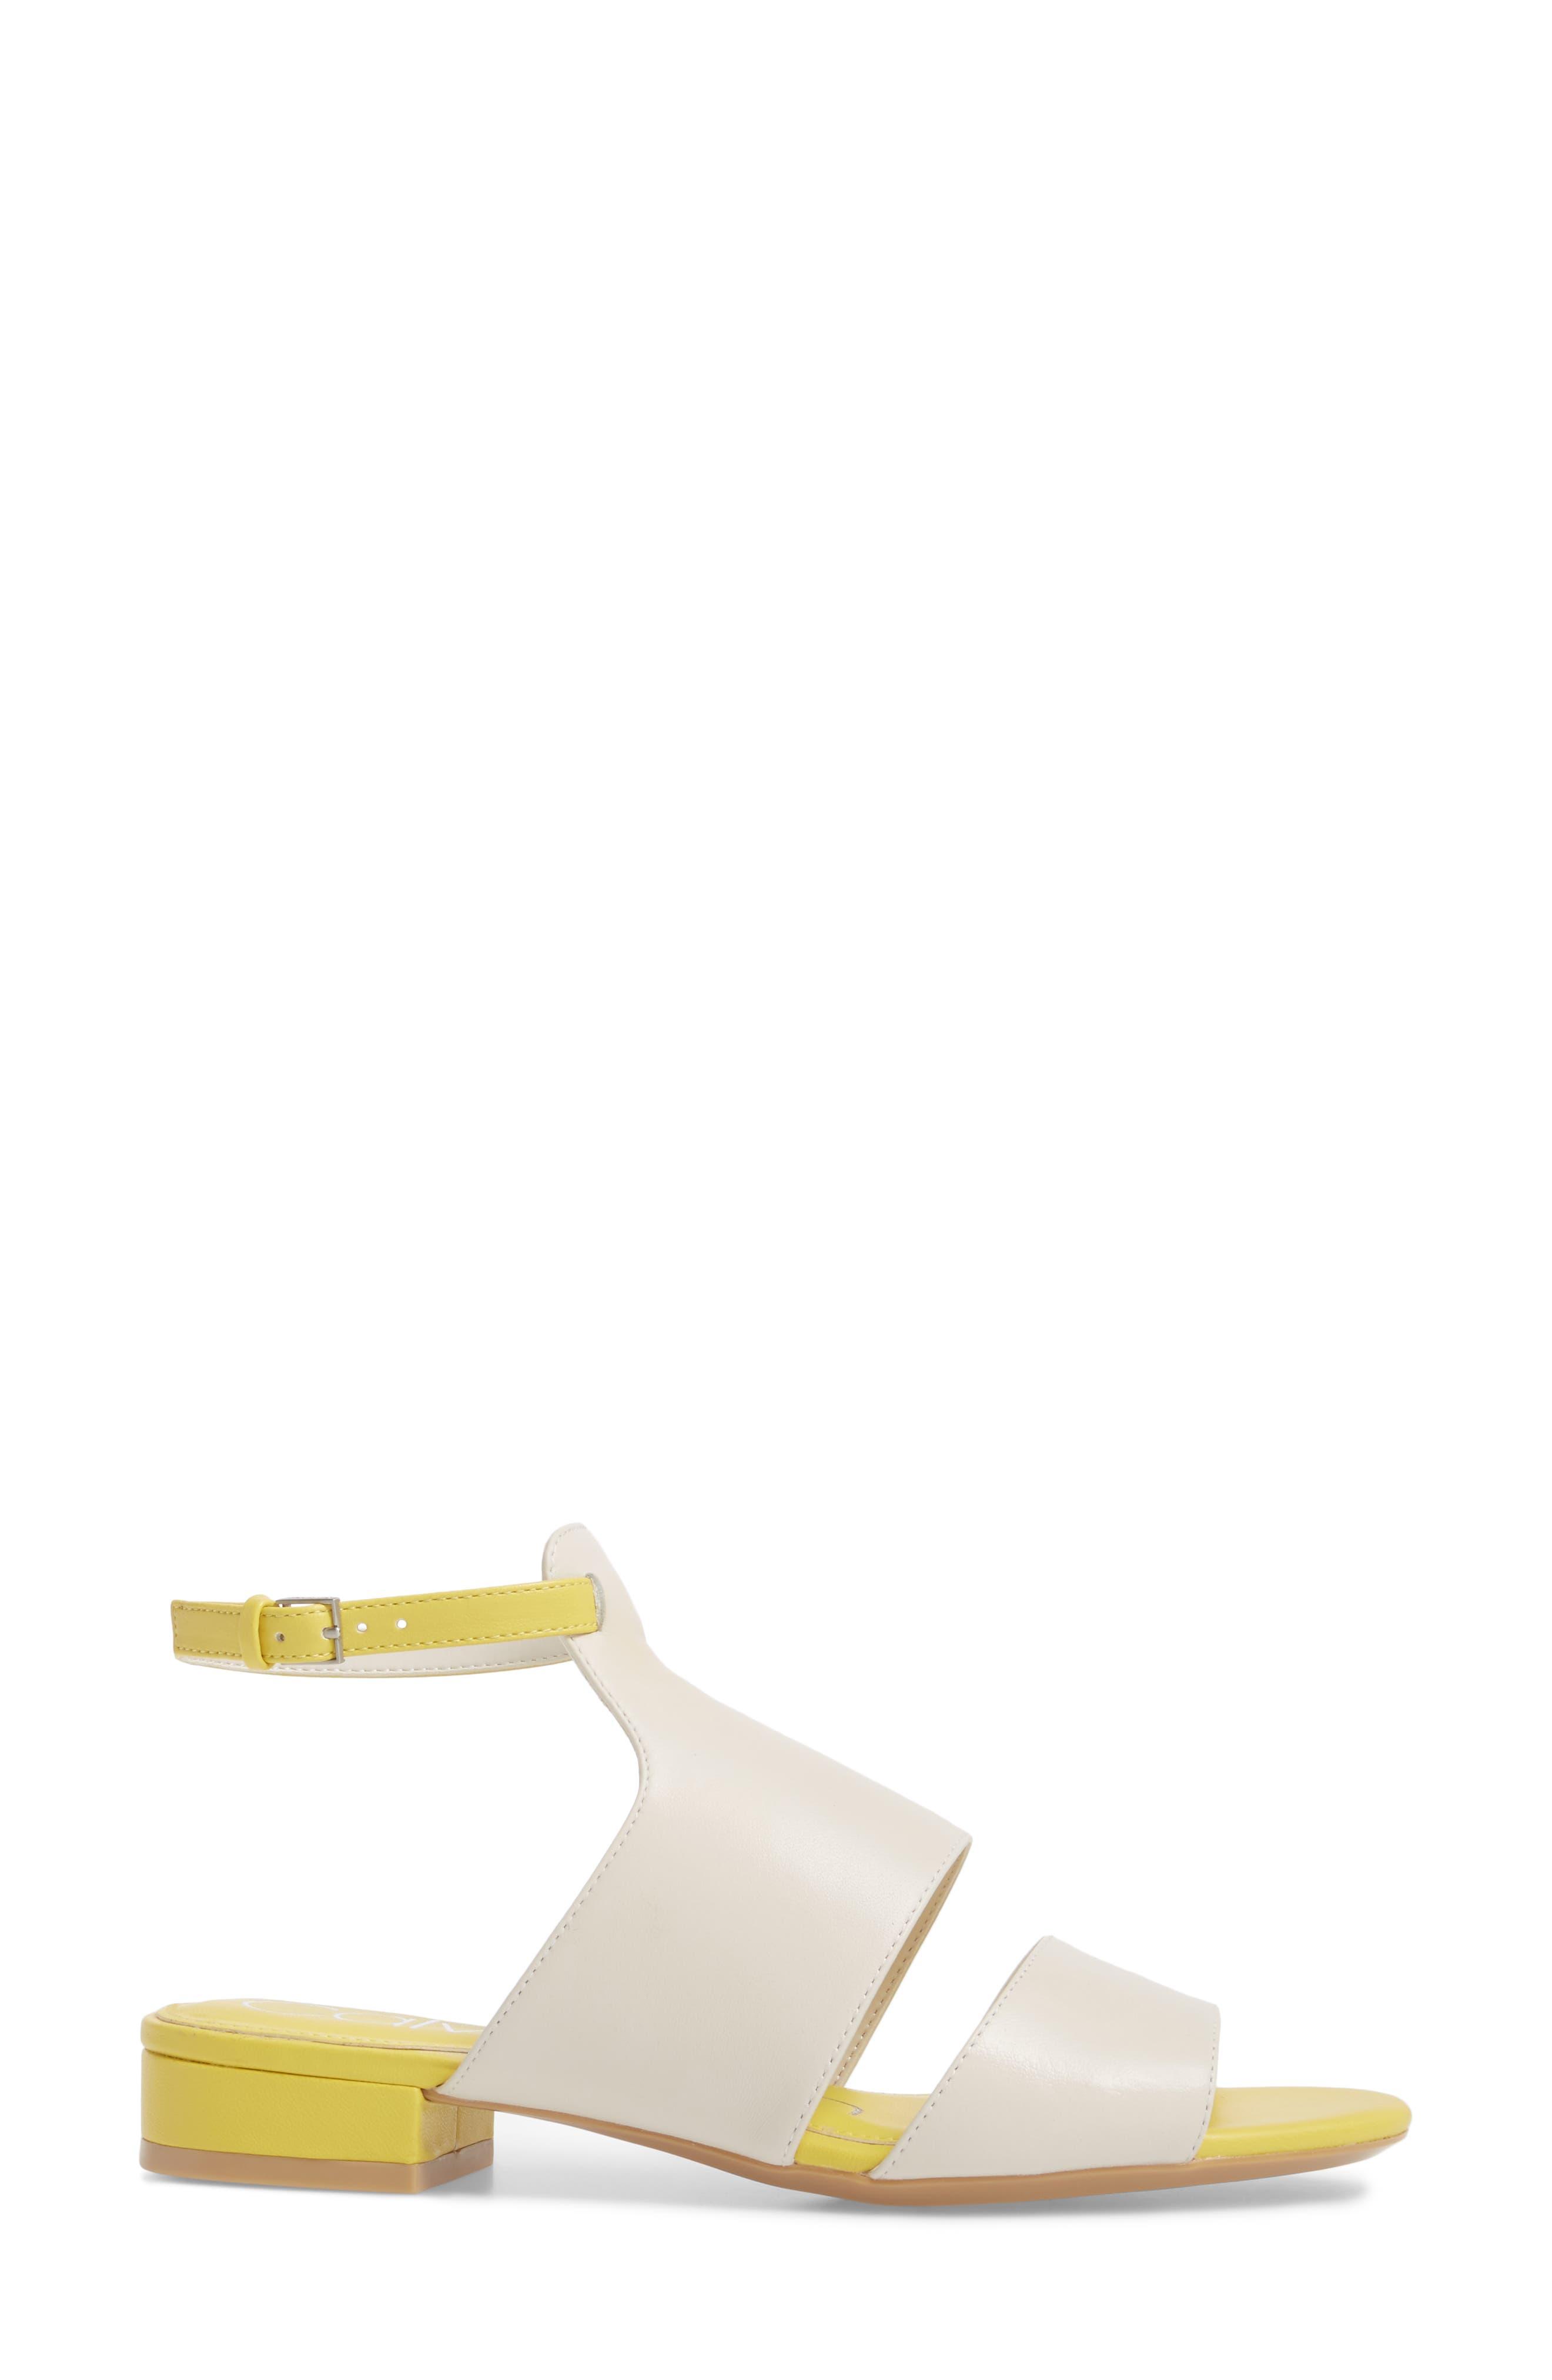 Fernarda Sandal,                             Alternate thumbnail 3, color,                             Soft White Leather